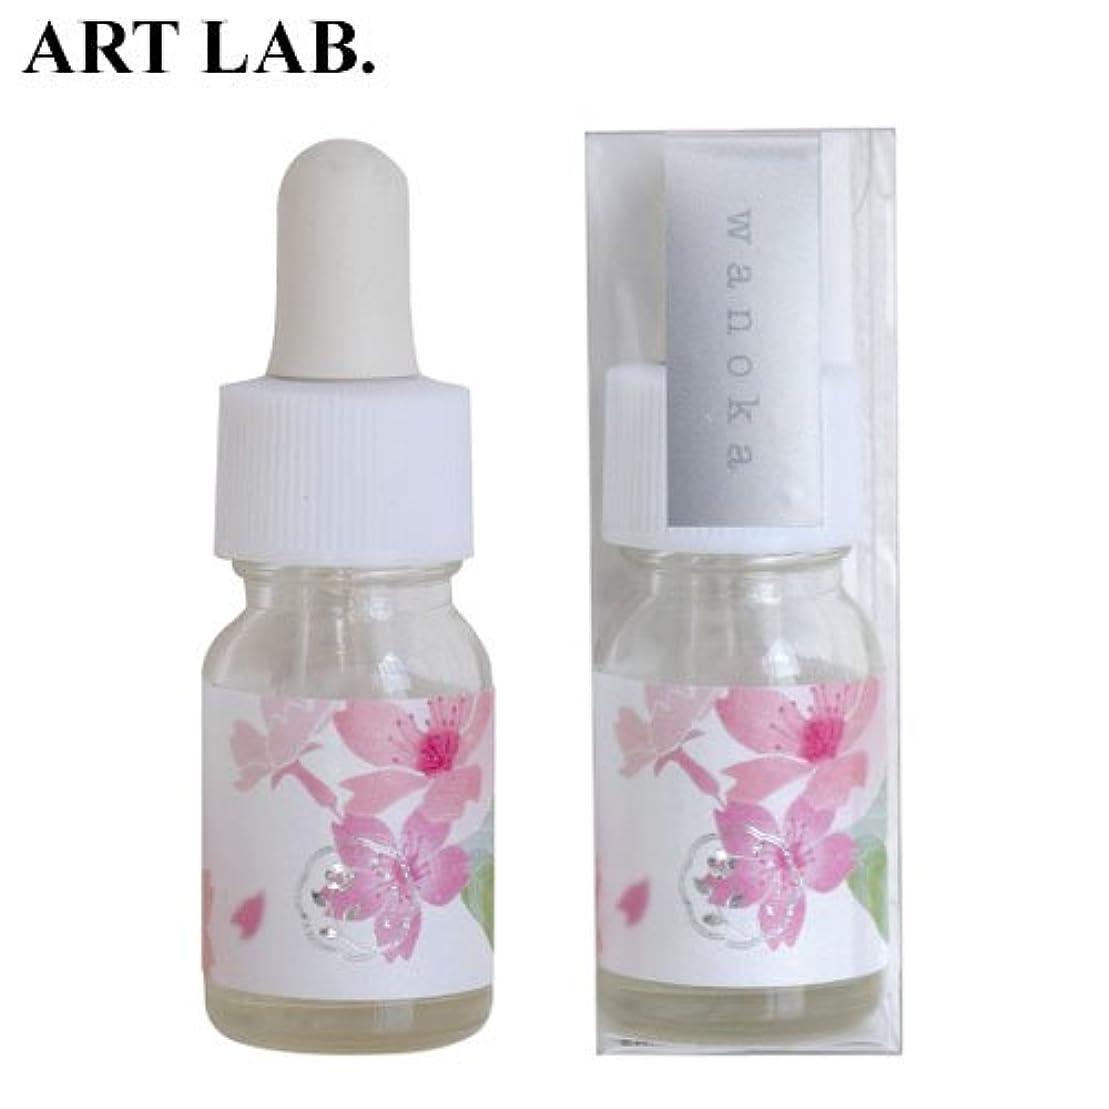 動的センターベッドwanoka香油アロマオイル桜《桜をイメージした甘い香り》ART LABAromatic oil